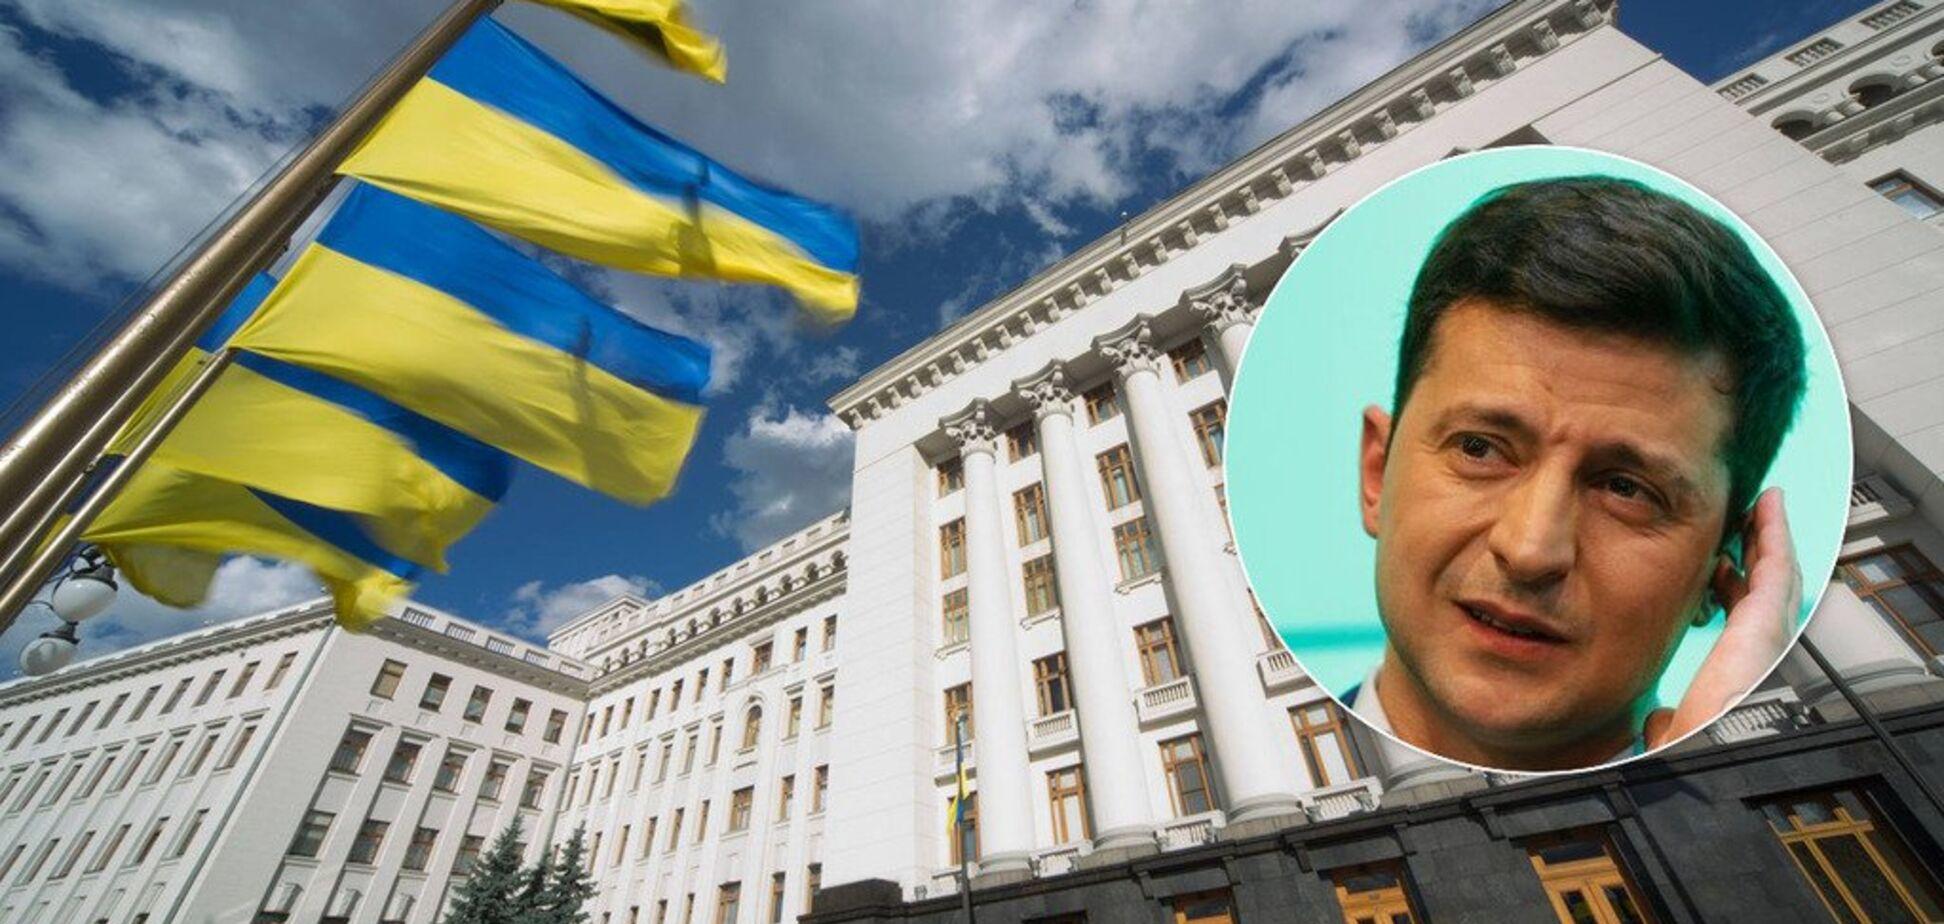 Зеленскому понадобится целый район: глава ГУД рассказал о кортежах, перелетах и переездах президента